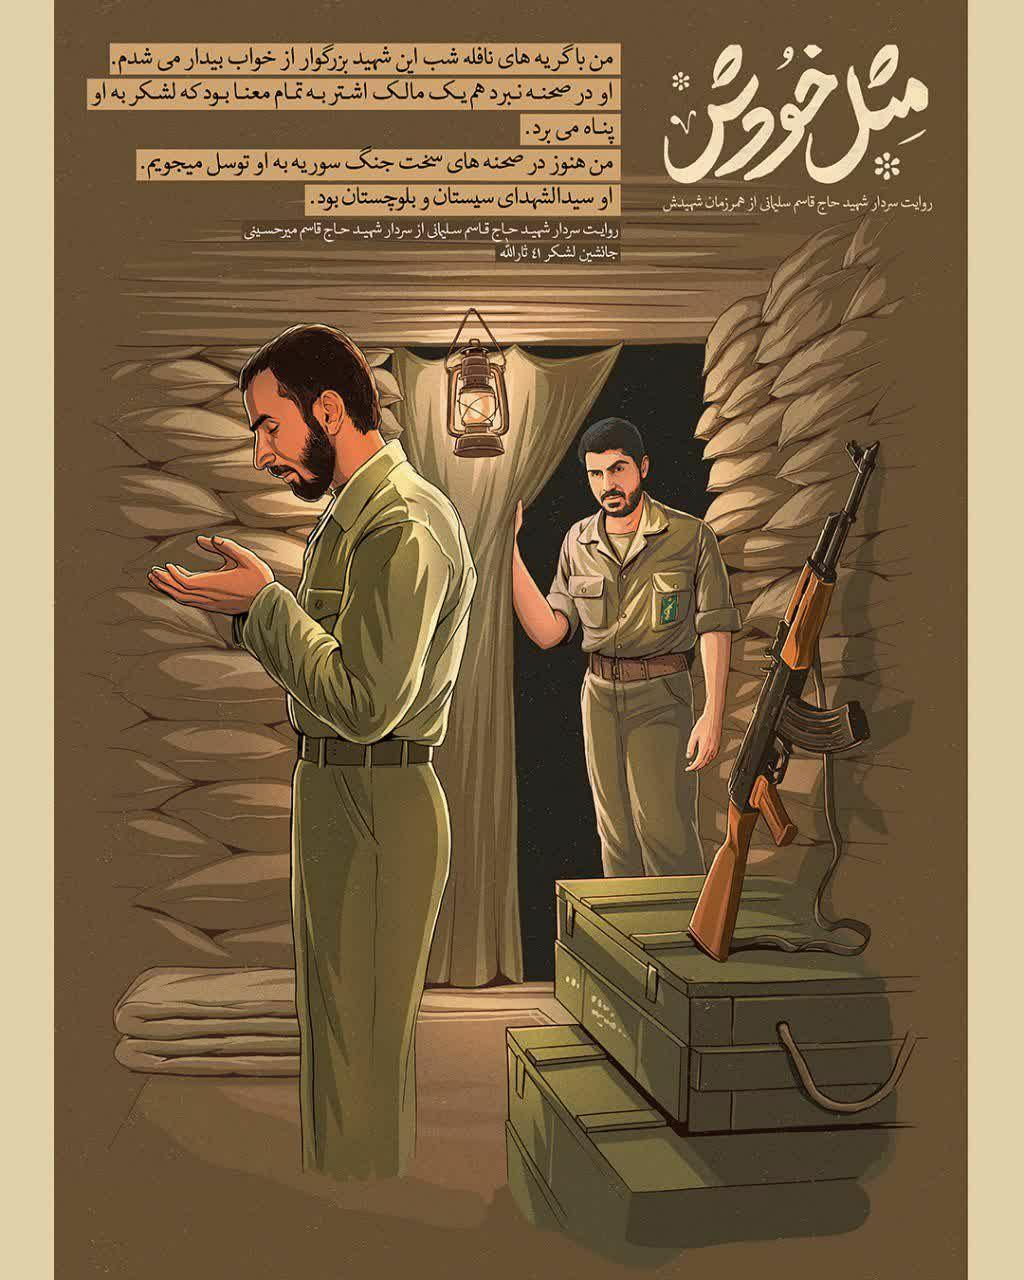 روایت کوتاه سردار سلیمانی از شهدای همرزمش در «مثل خودش» + پوستر